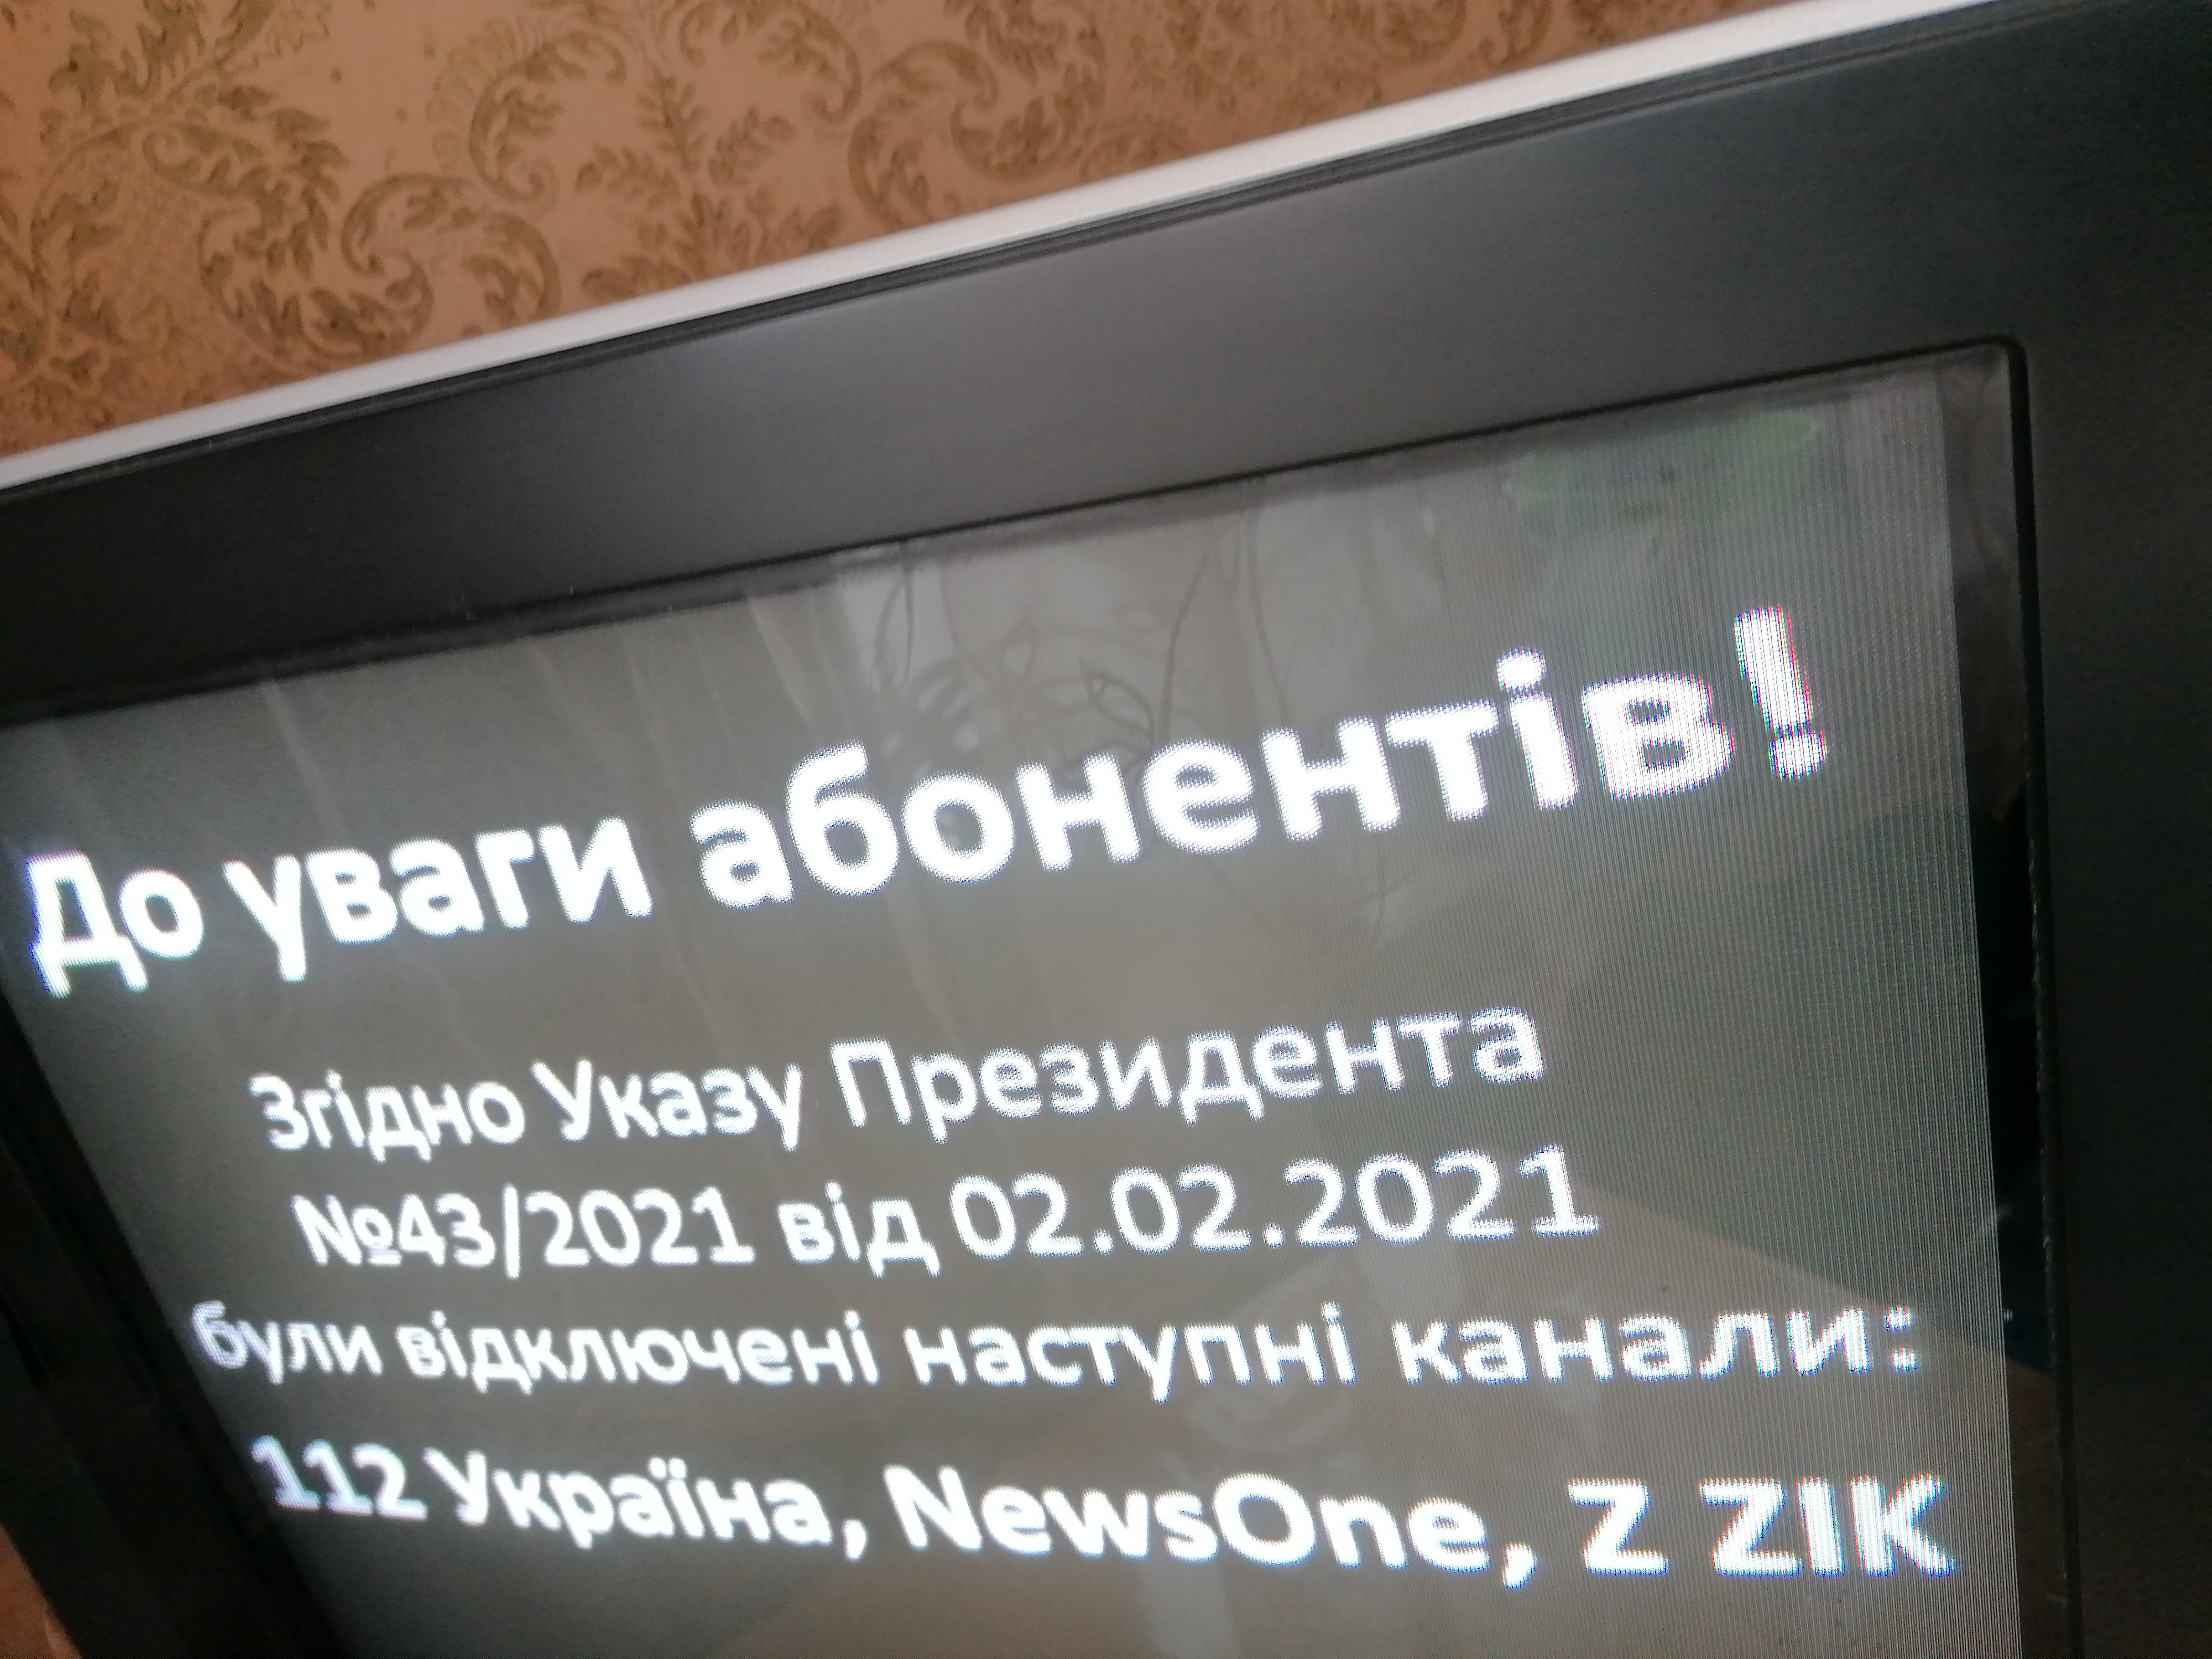 Полтавчанам на 5 лет отключили «112 Украина», «NewsOne», «Z ZIK»